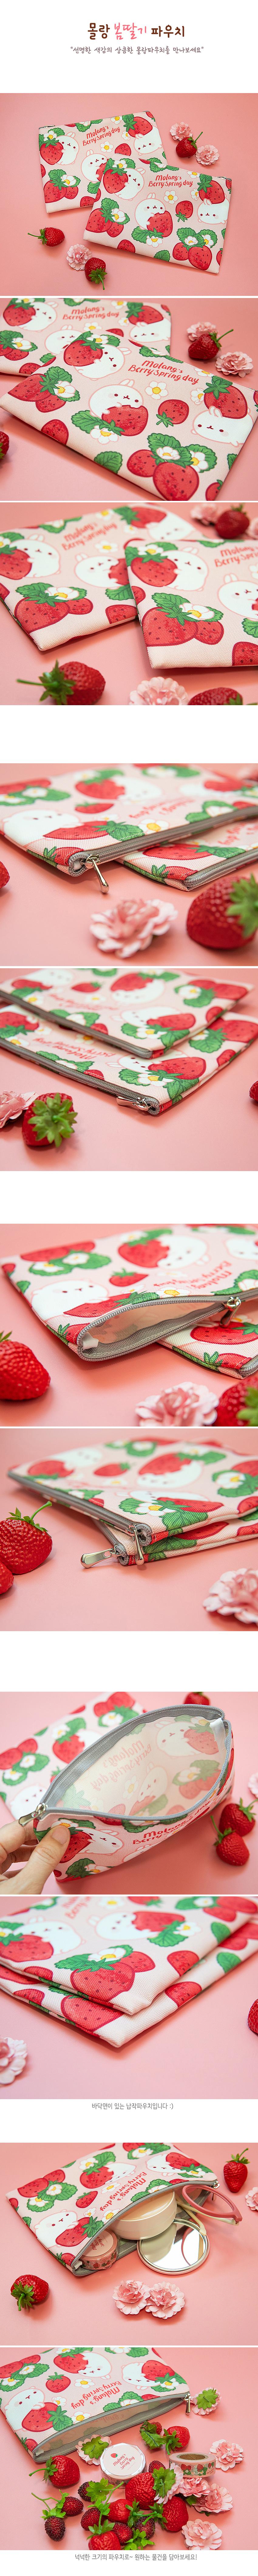 몰랑 봄딸기 파우치 - 몰랑이, 8,000원, 다용도파우치, 지퍼형